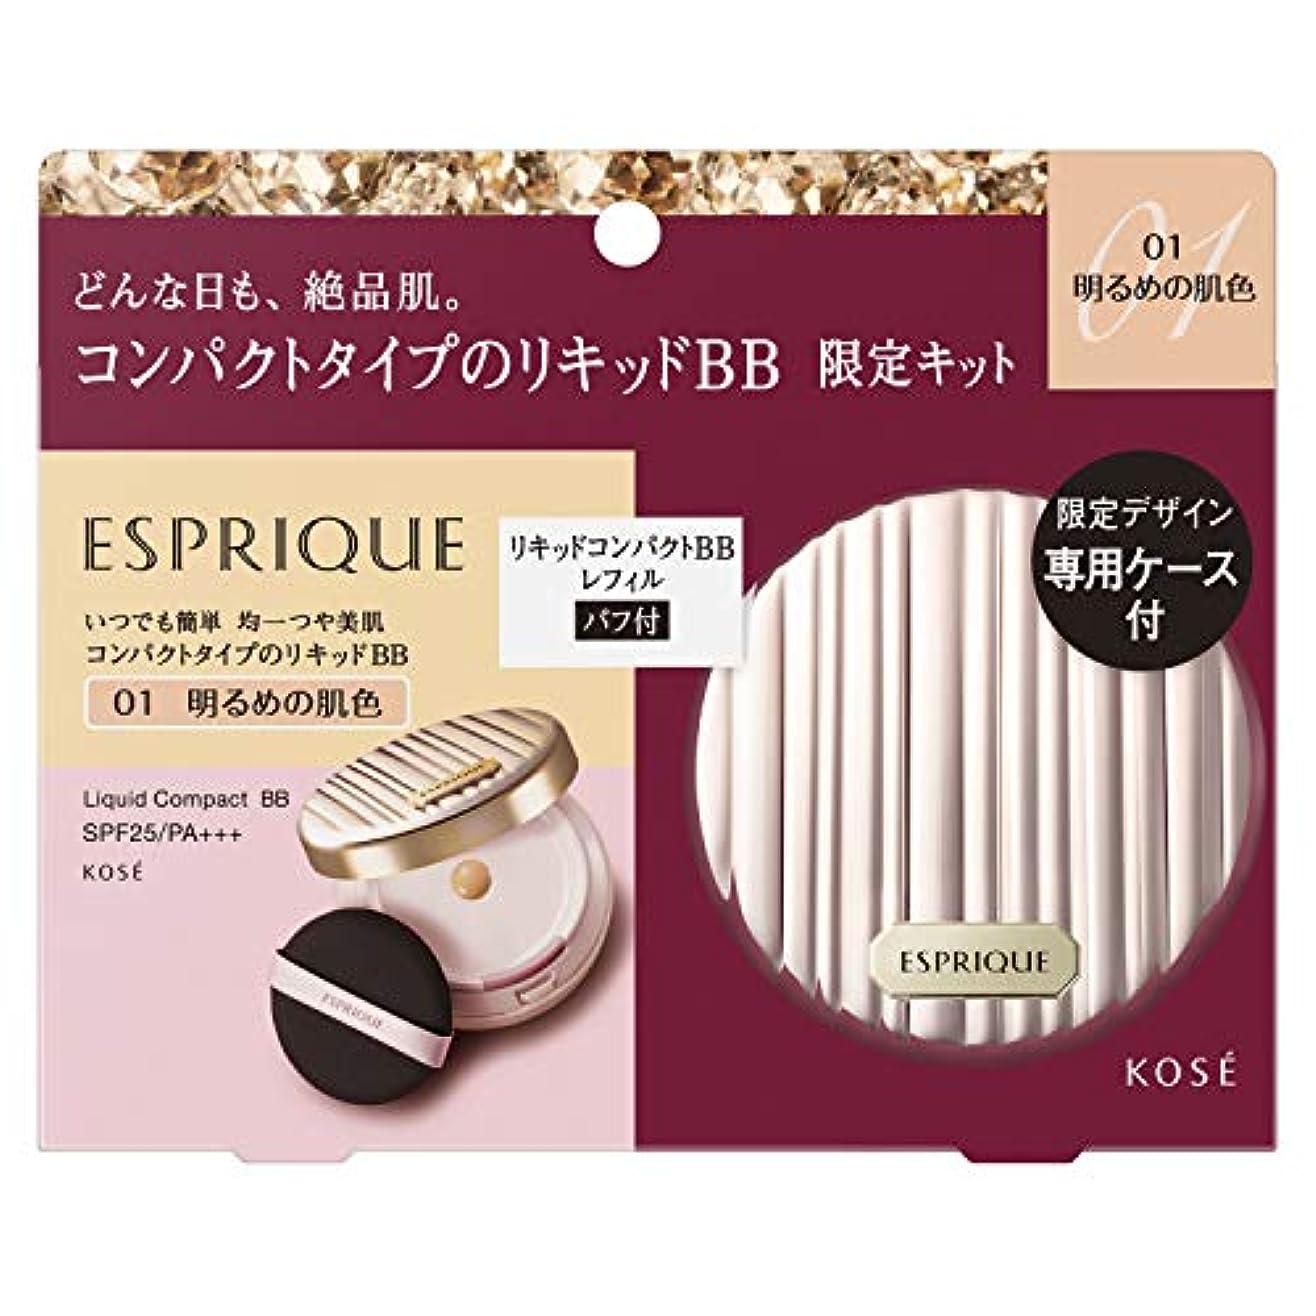 たくさん鉄ラベESPRIQUE(エスプリーク) エスプリーク リキッド コンパクト BB 限定キット 2 BBクリーム 01 明るめの肌色 セット 13g+ケース付き